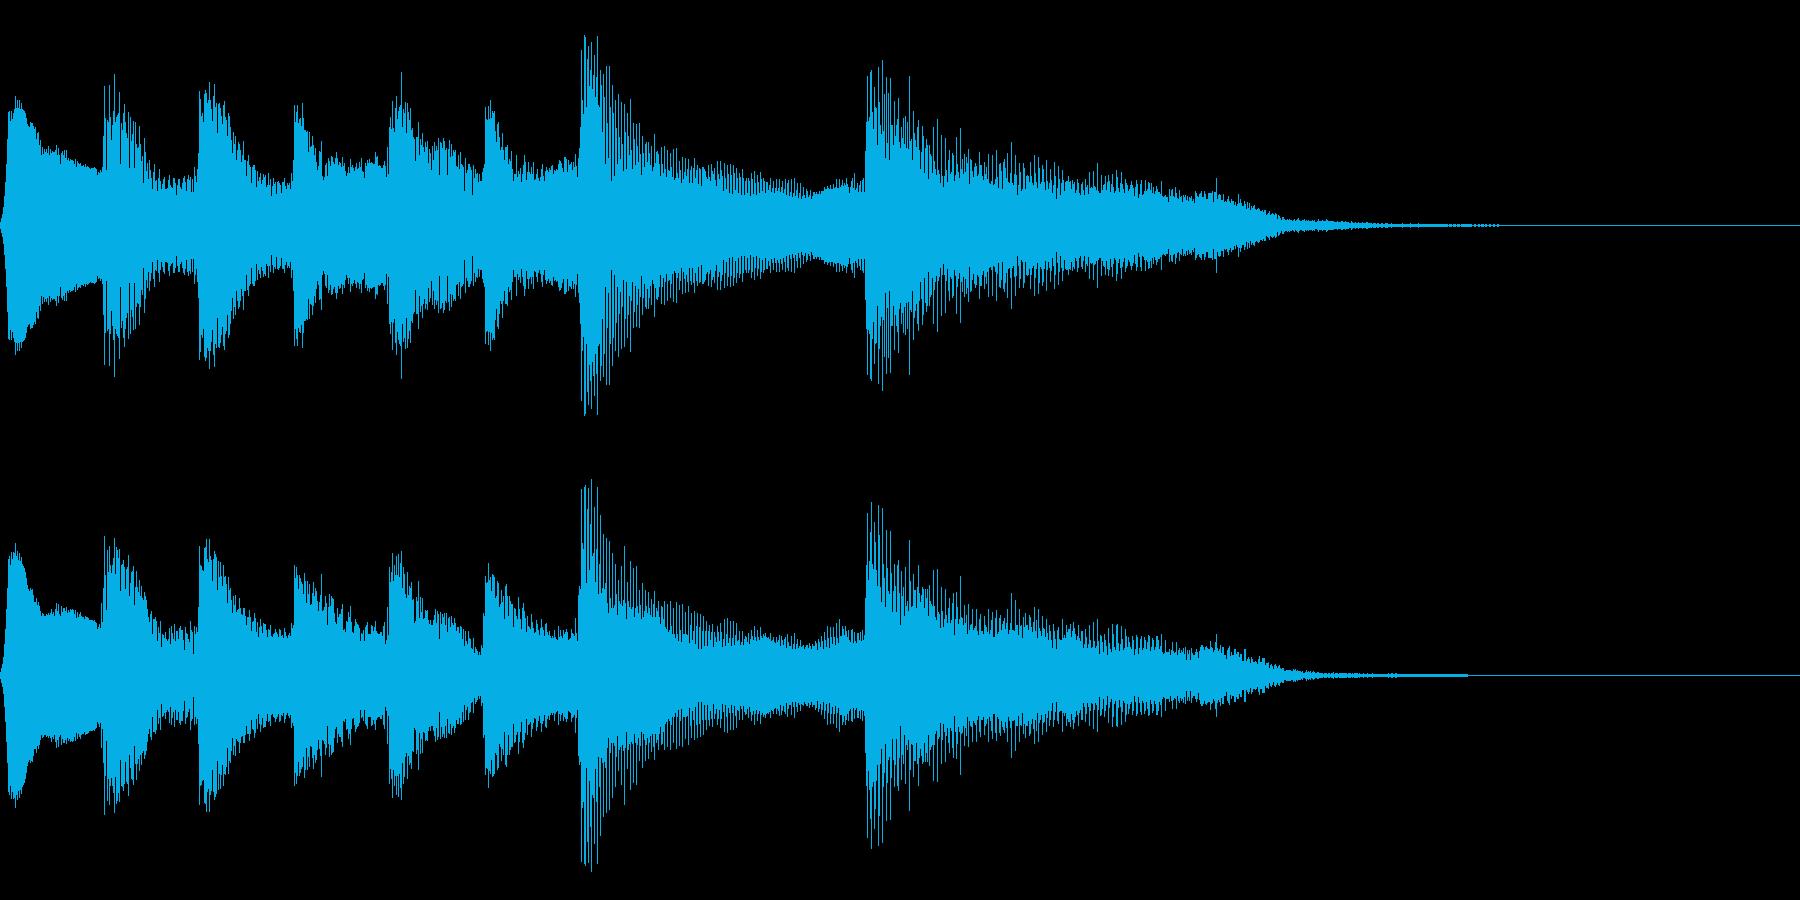 8bit レトロなゲームクリア音 達成の再生済みの波形